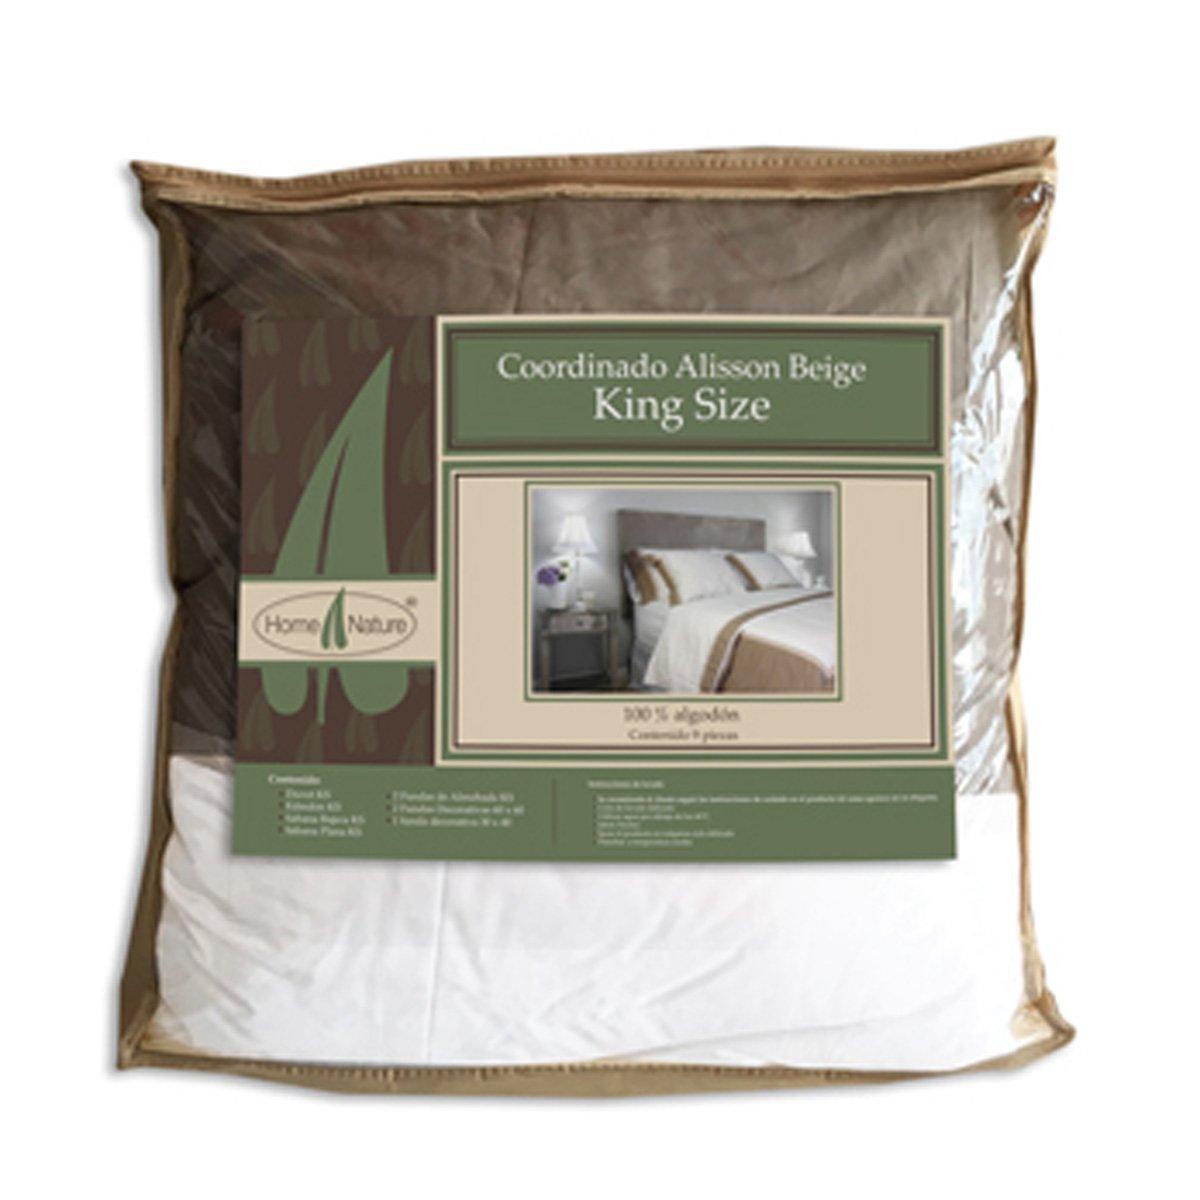 Paquete de cama classic beige king size sears com mx for Sabanas para cama king size precios